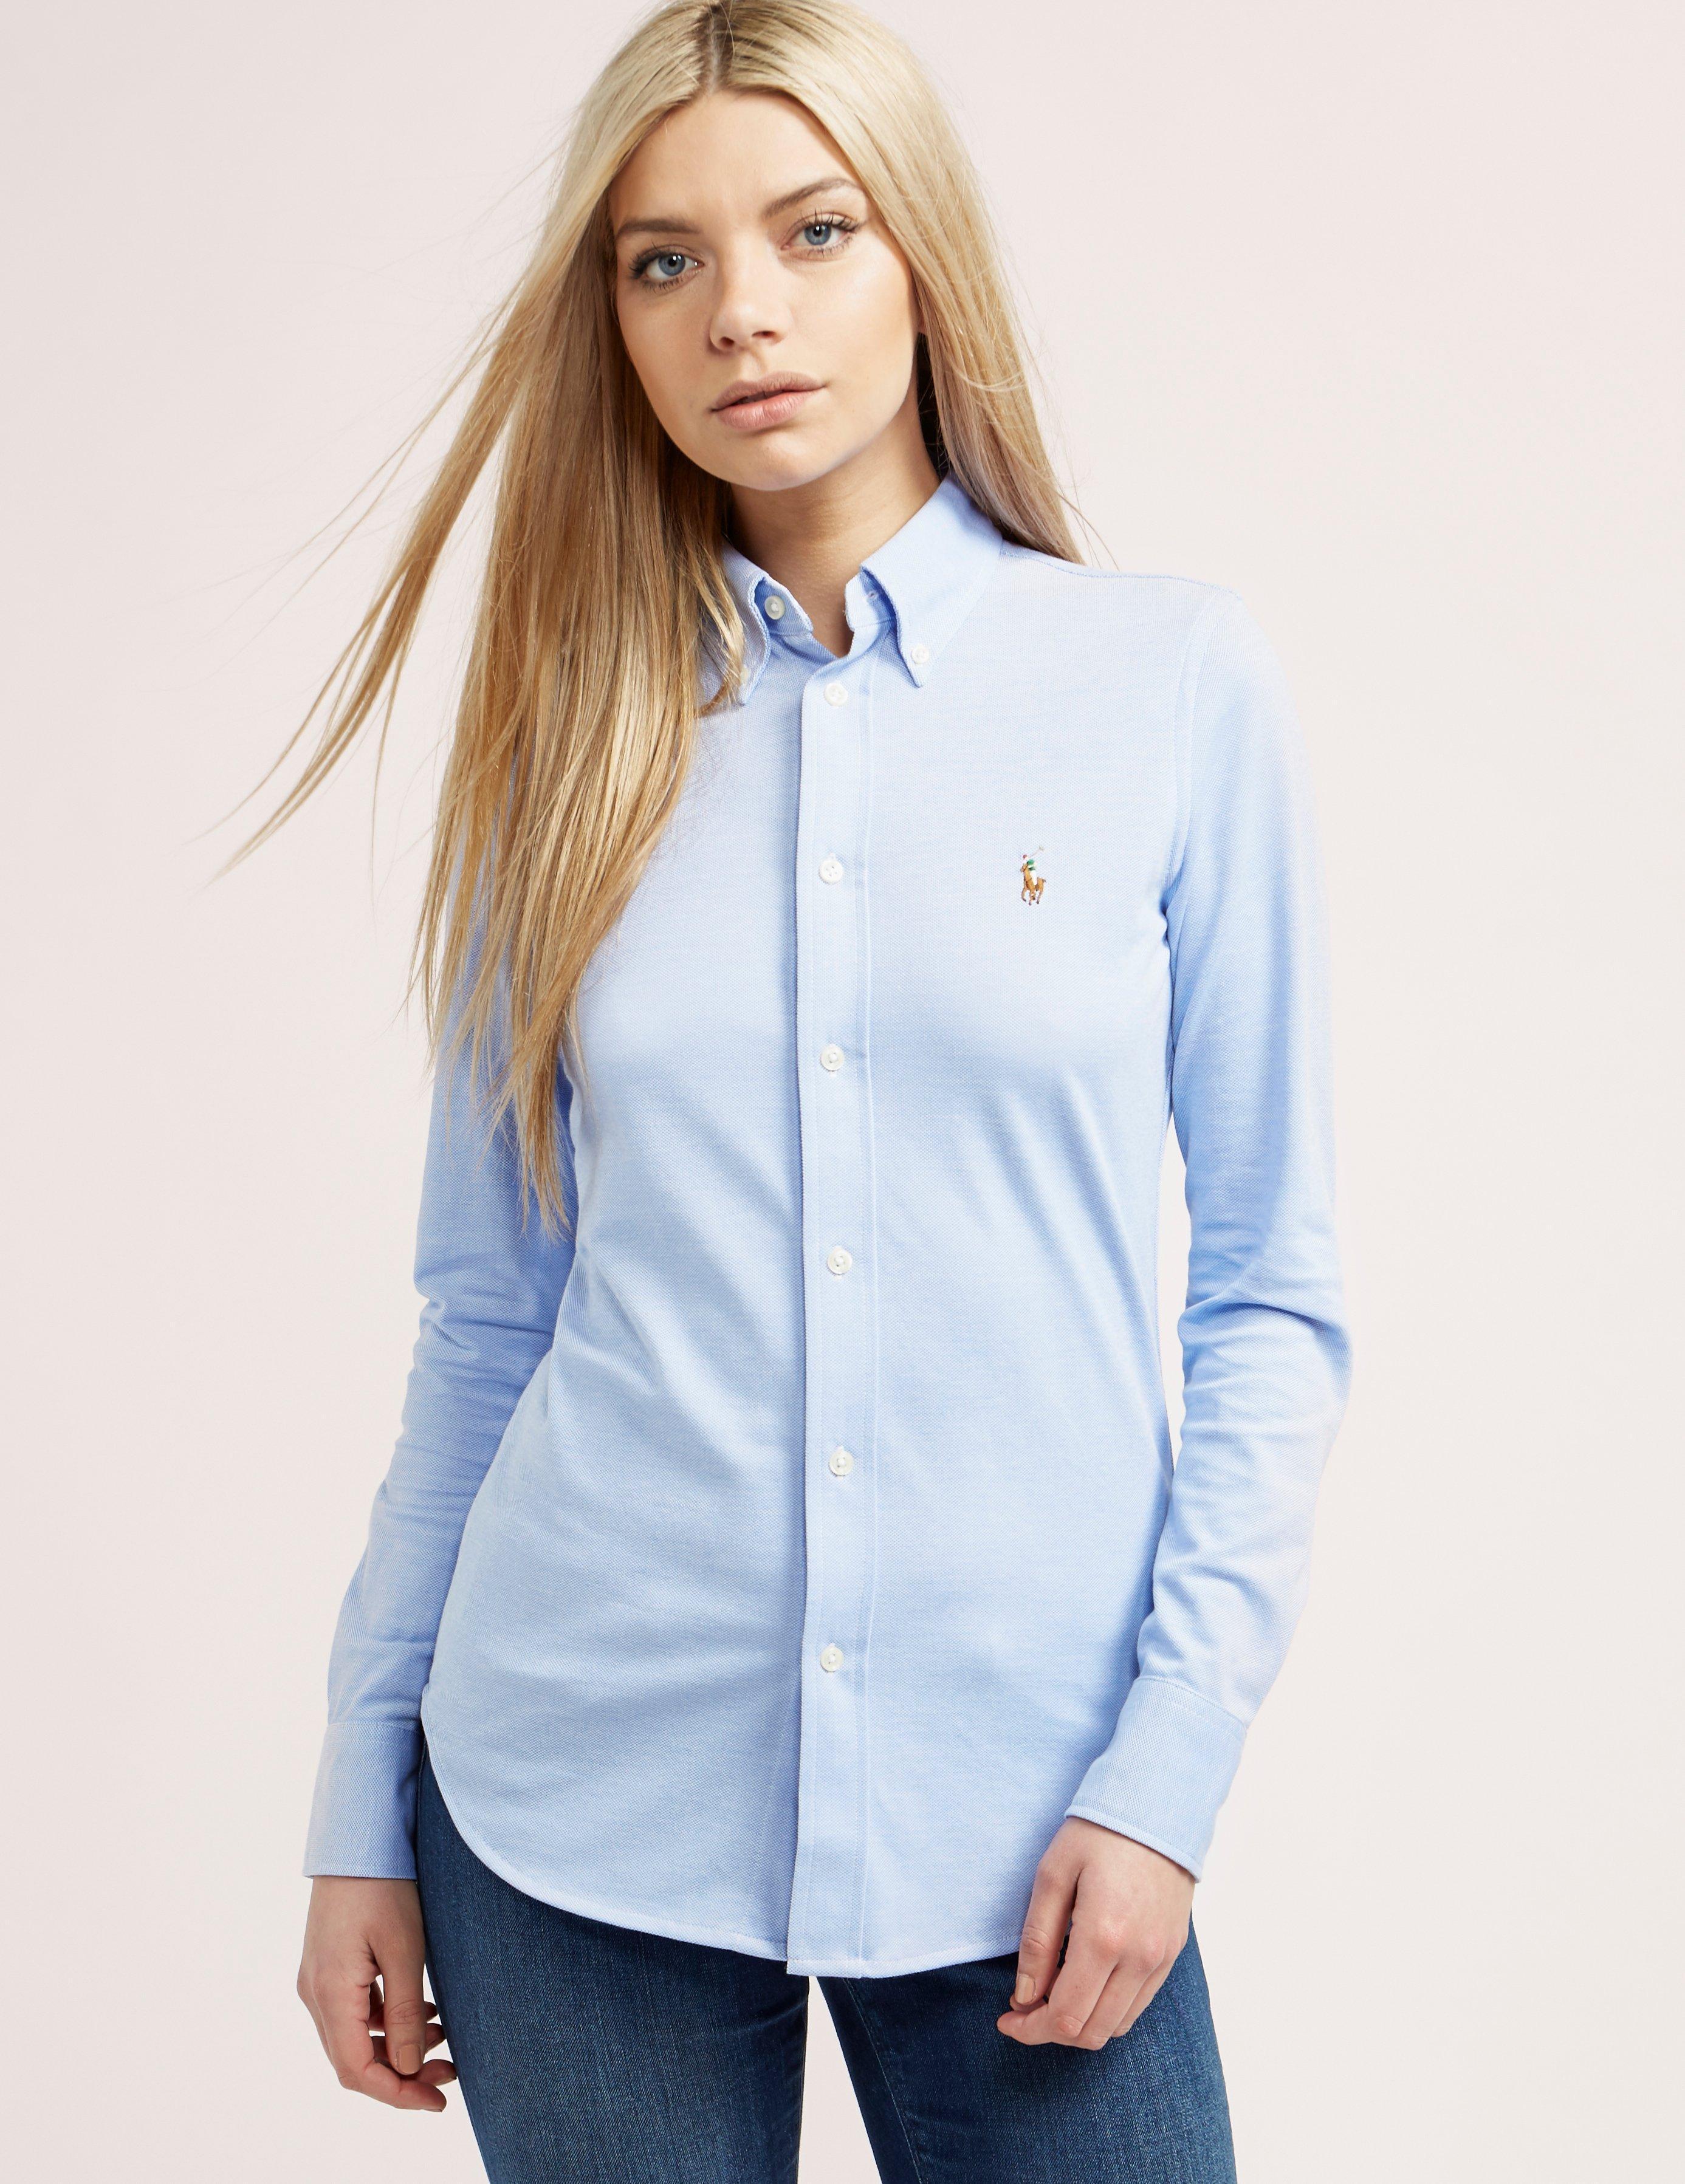 Ralph Shirt Oxford Blue Polo Lauren vwmNOn08